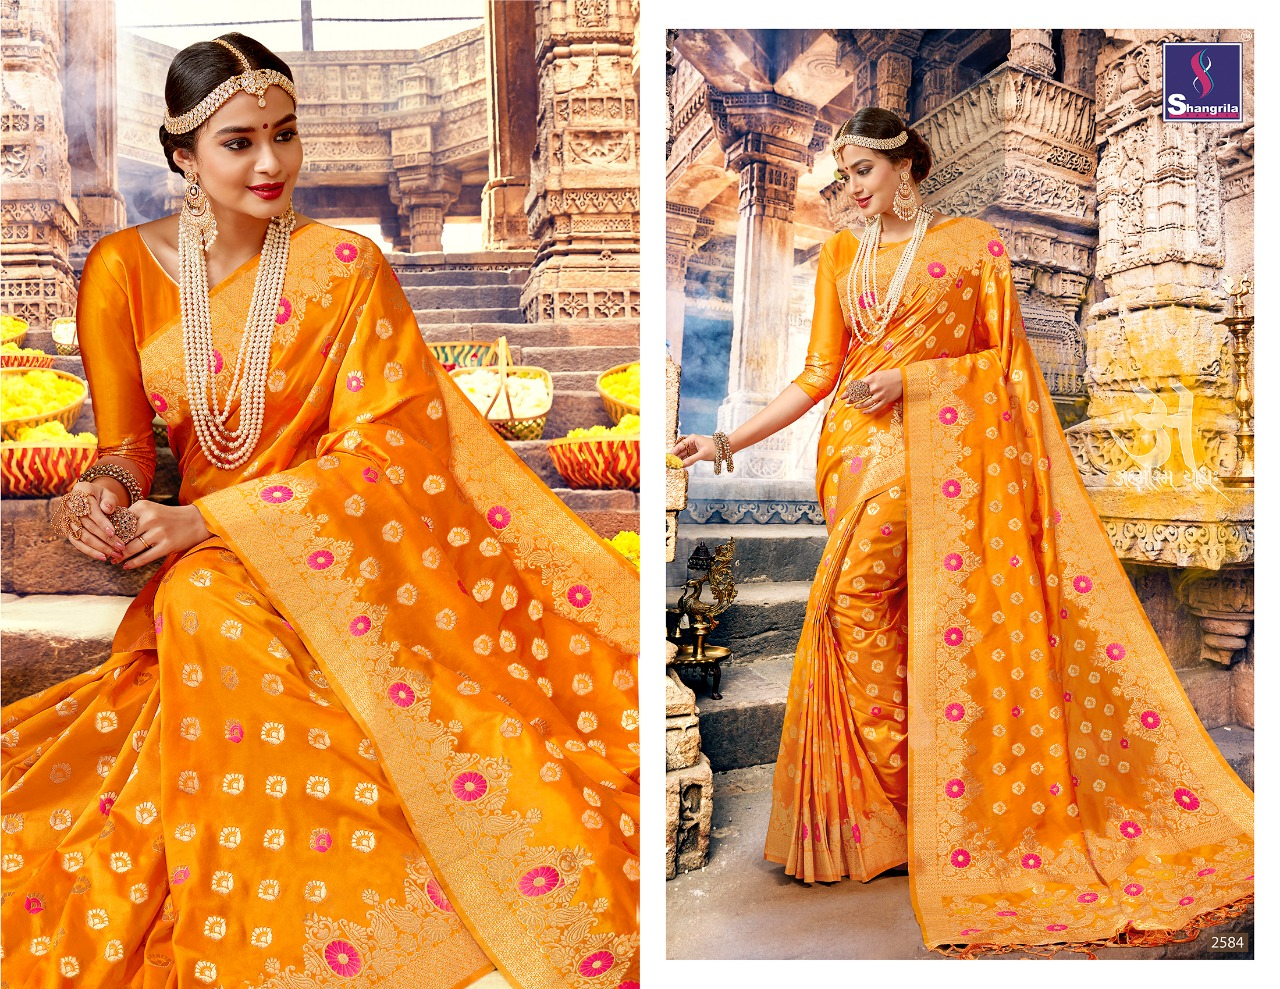 Shangrila Saree Nalli Silk 2584